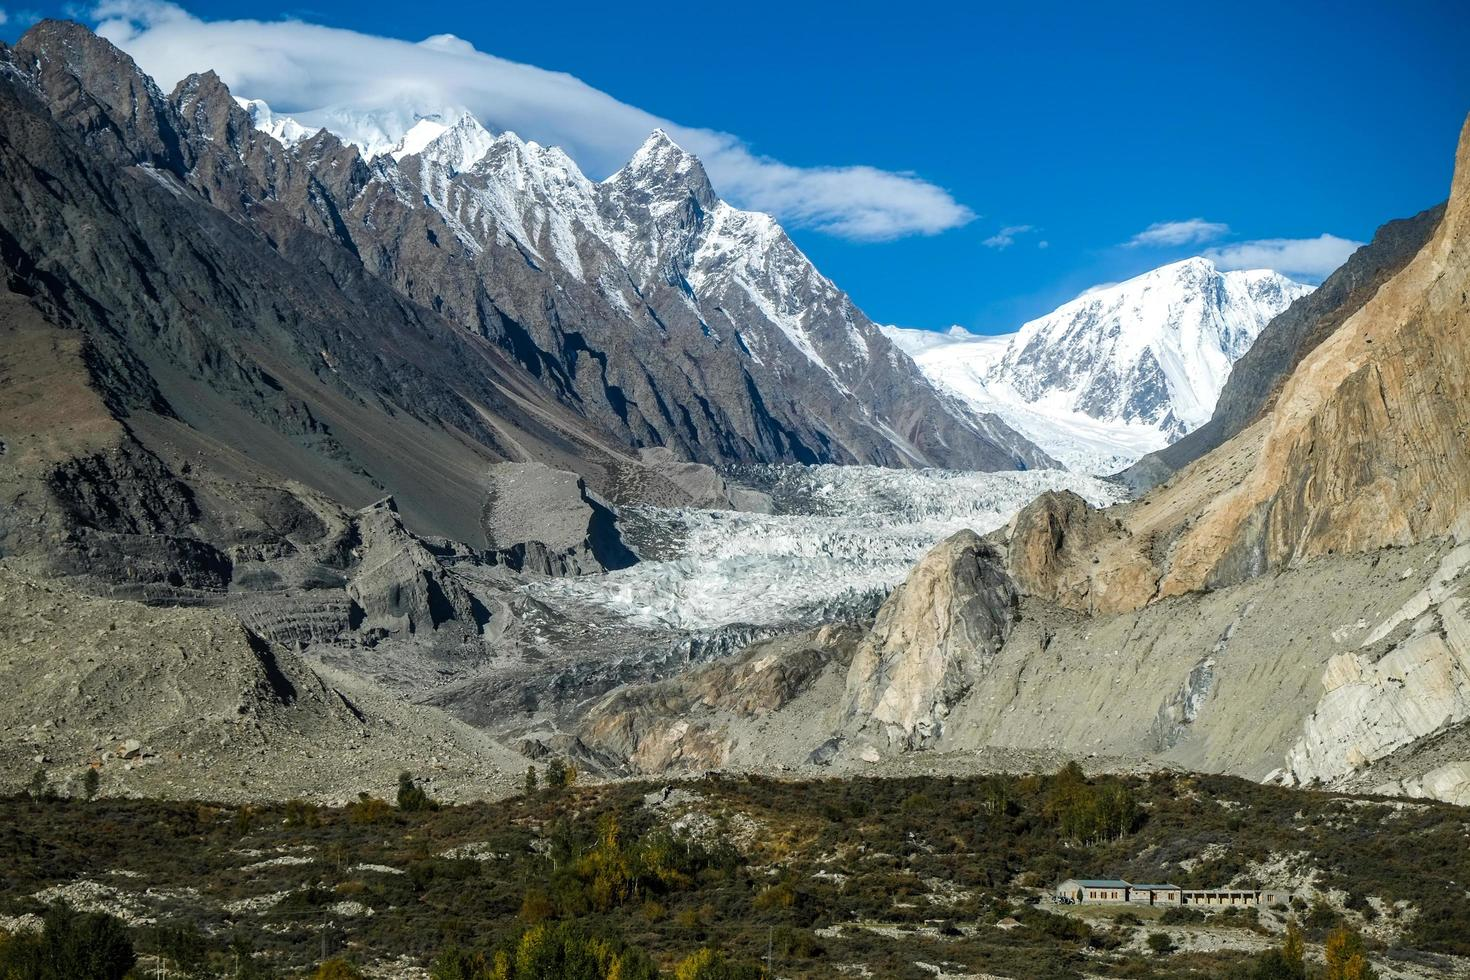 glacier de passu entouré de montagnes enneigées photo